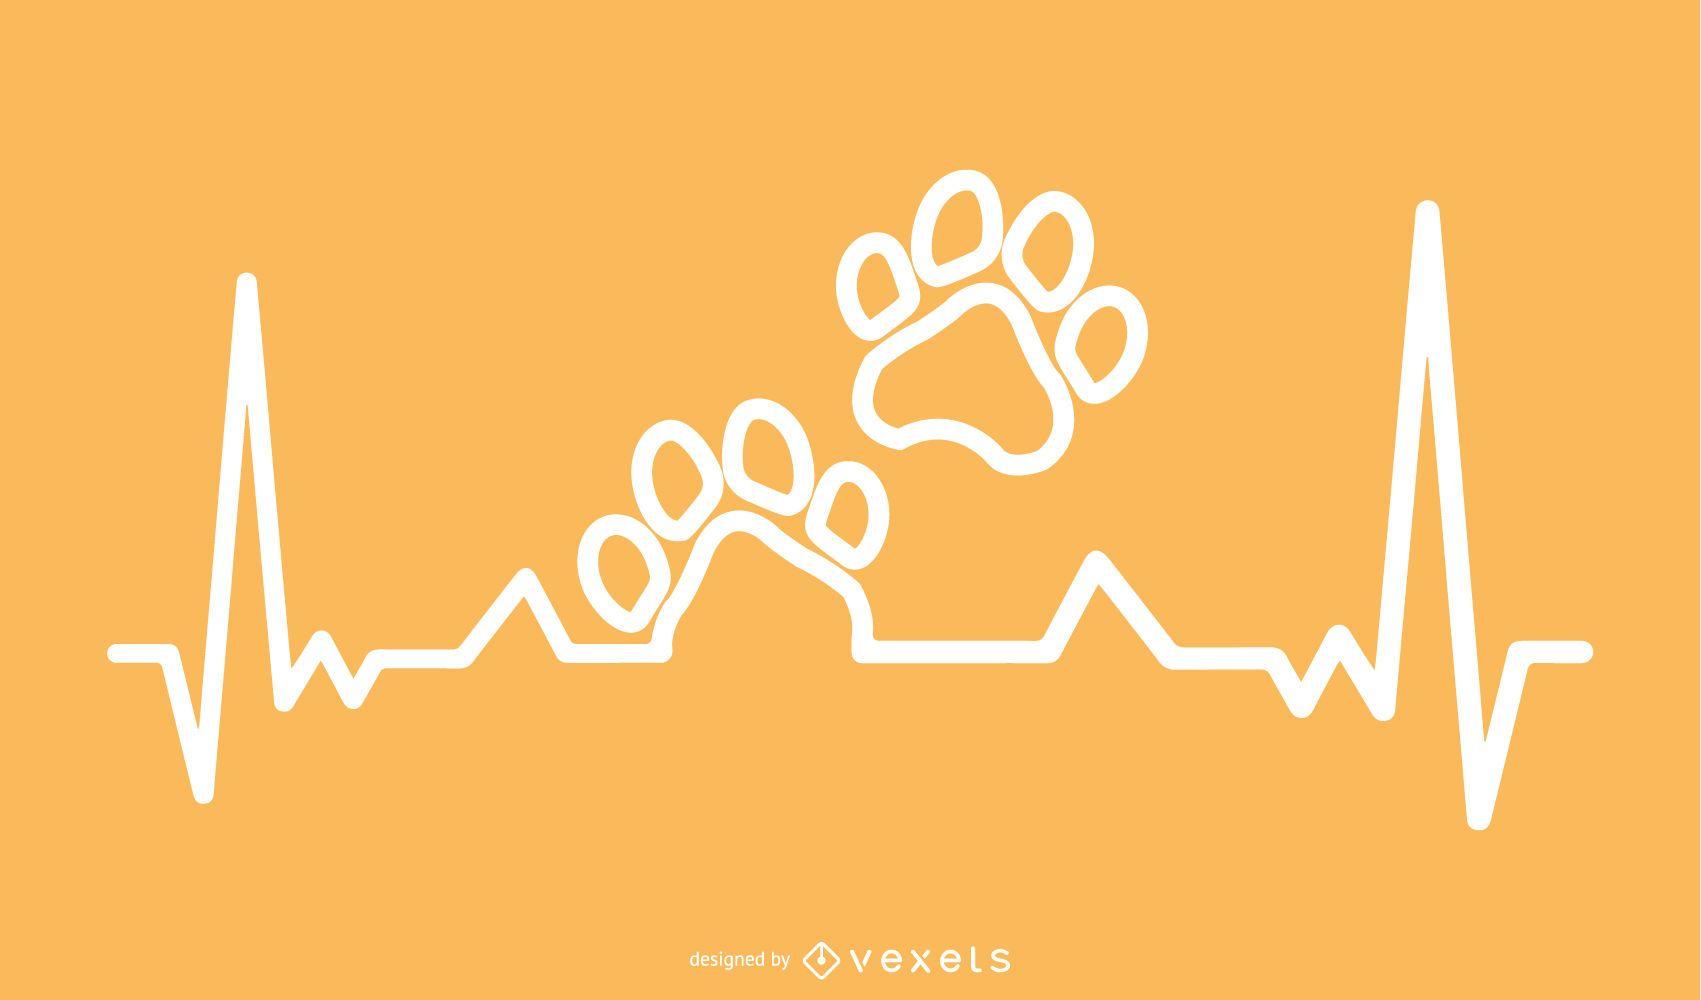 Impressão de pata com design da linha Heartbeat